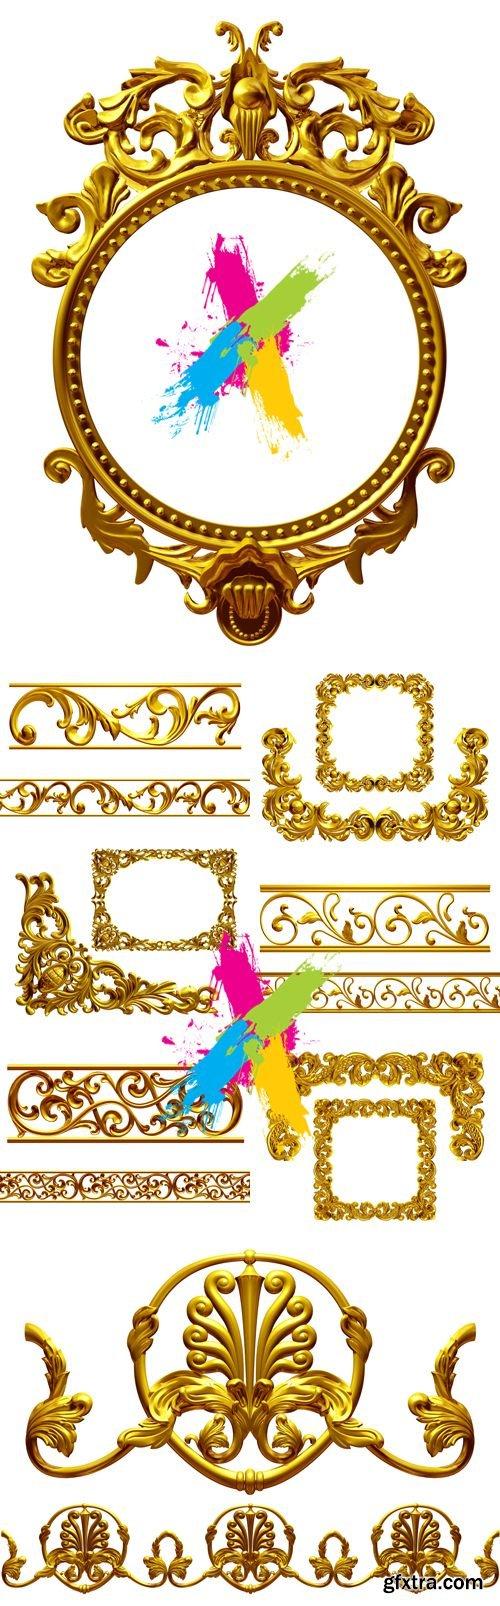 Stock Photo - Golden Frames, Borders